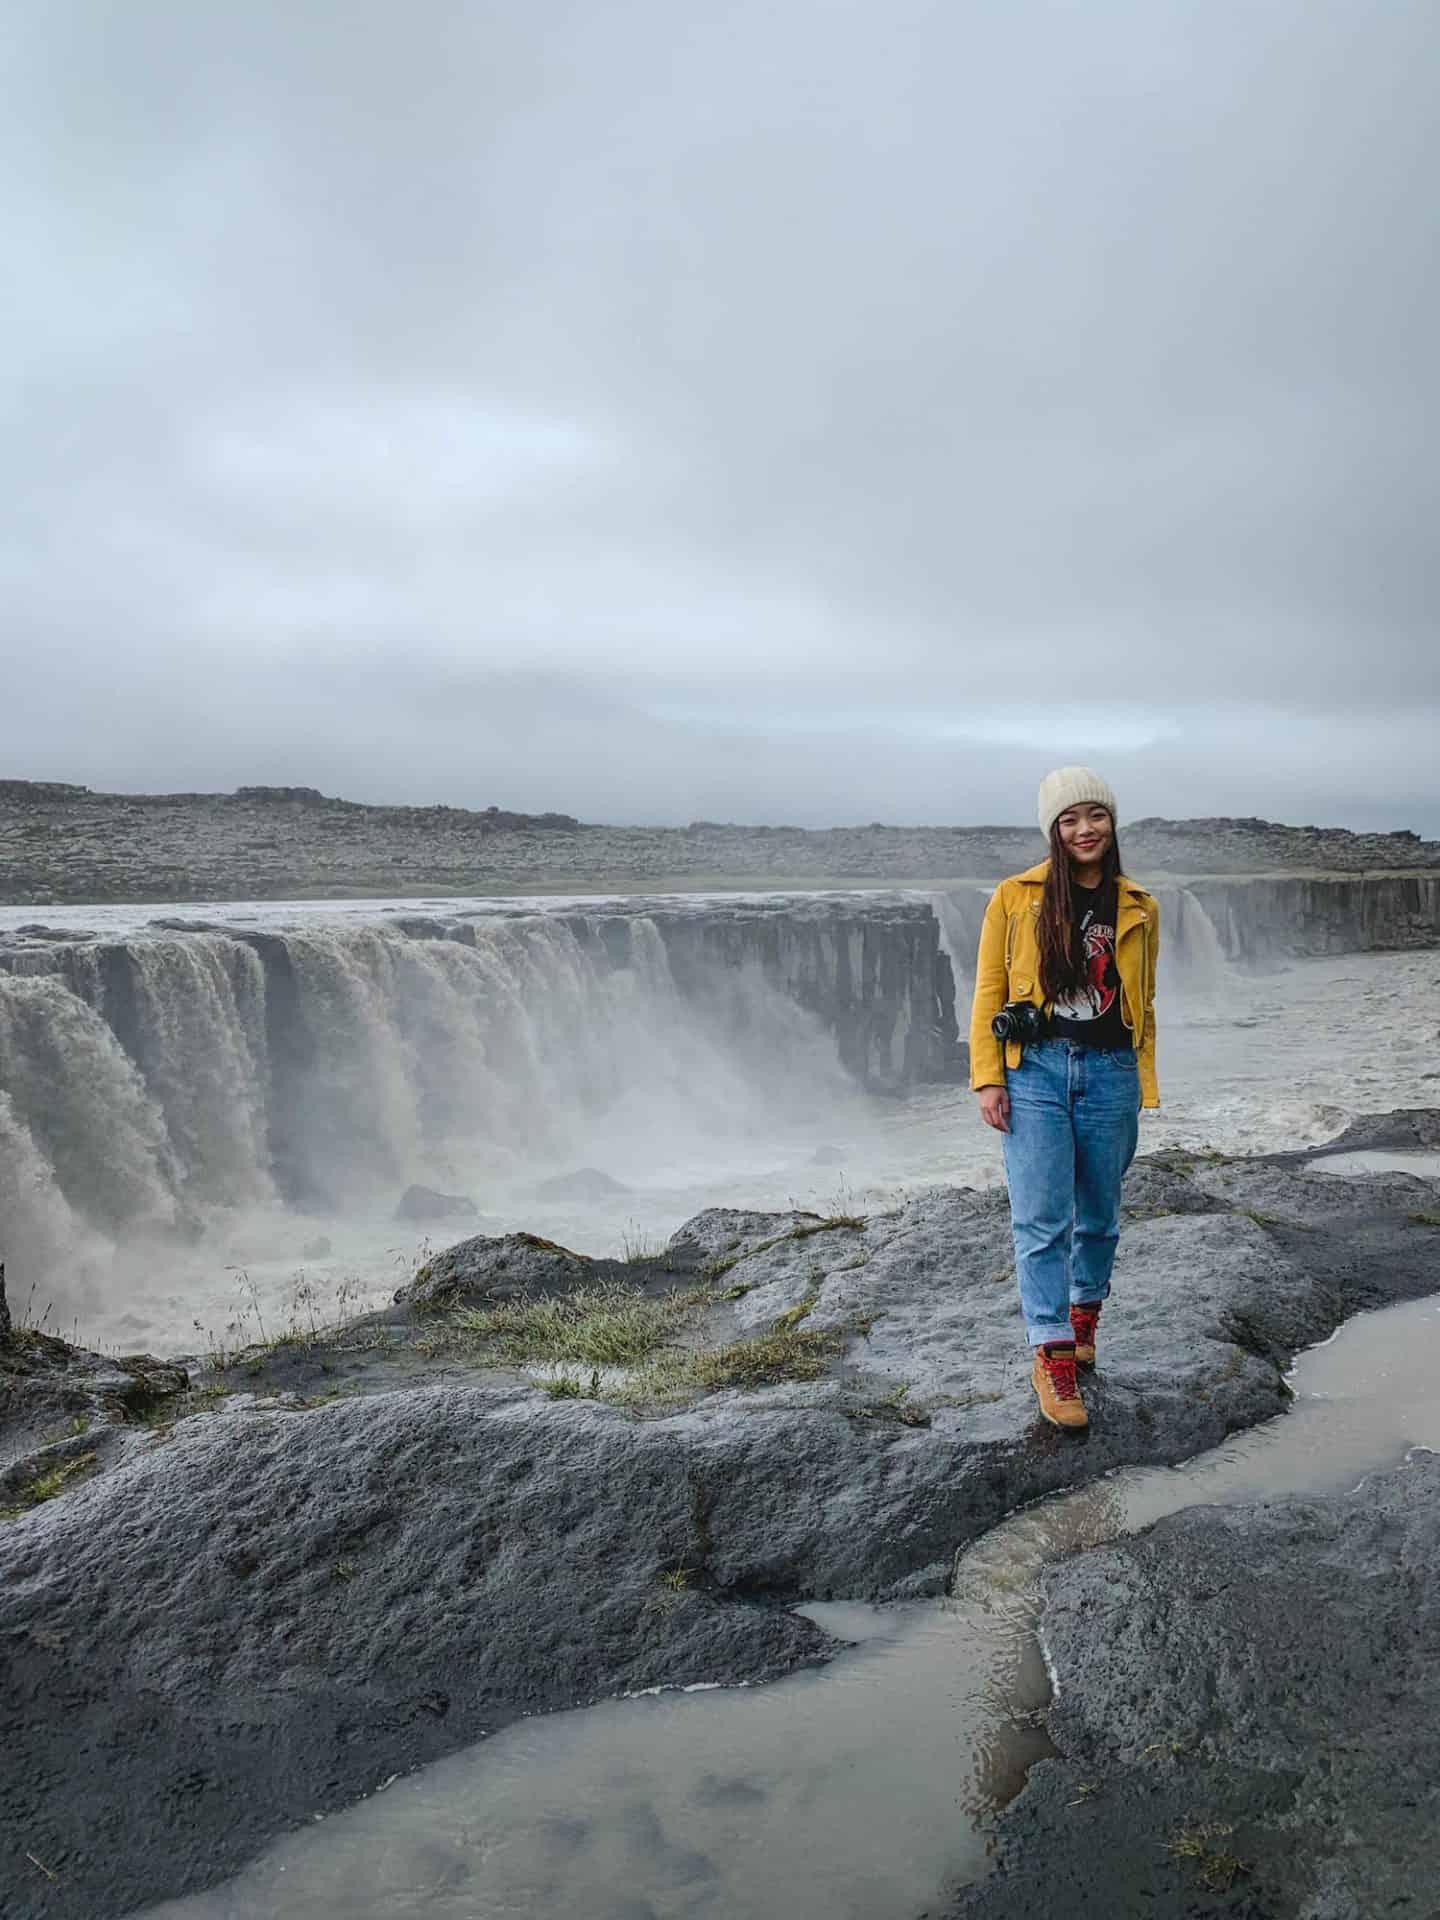 Selfoss Waterfall in Myvatn, Iceland